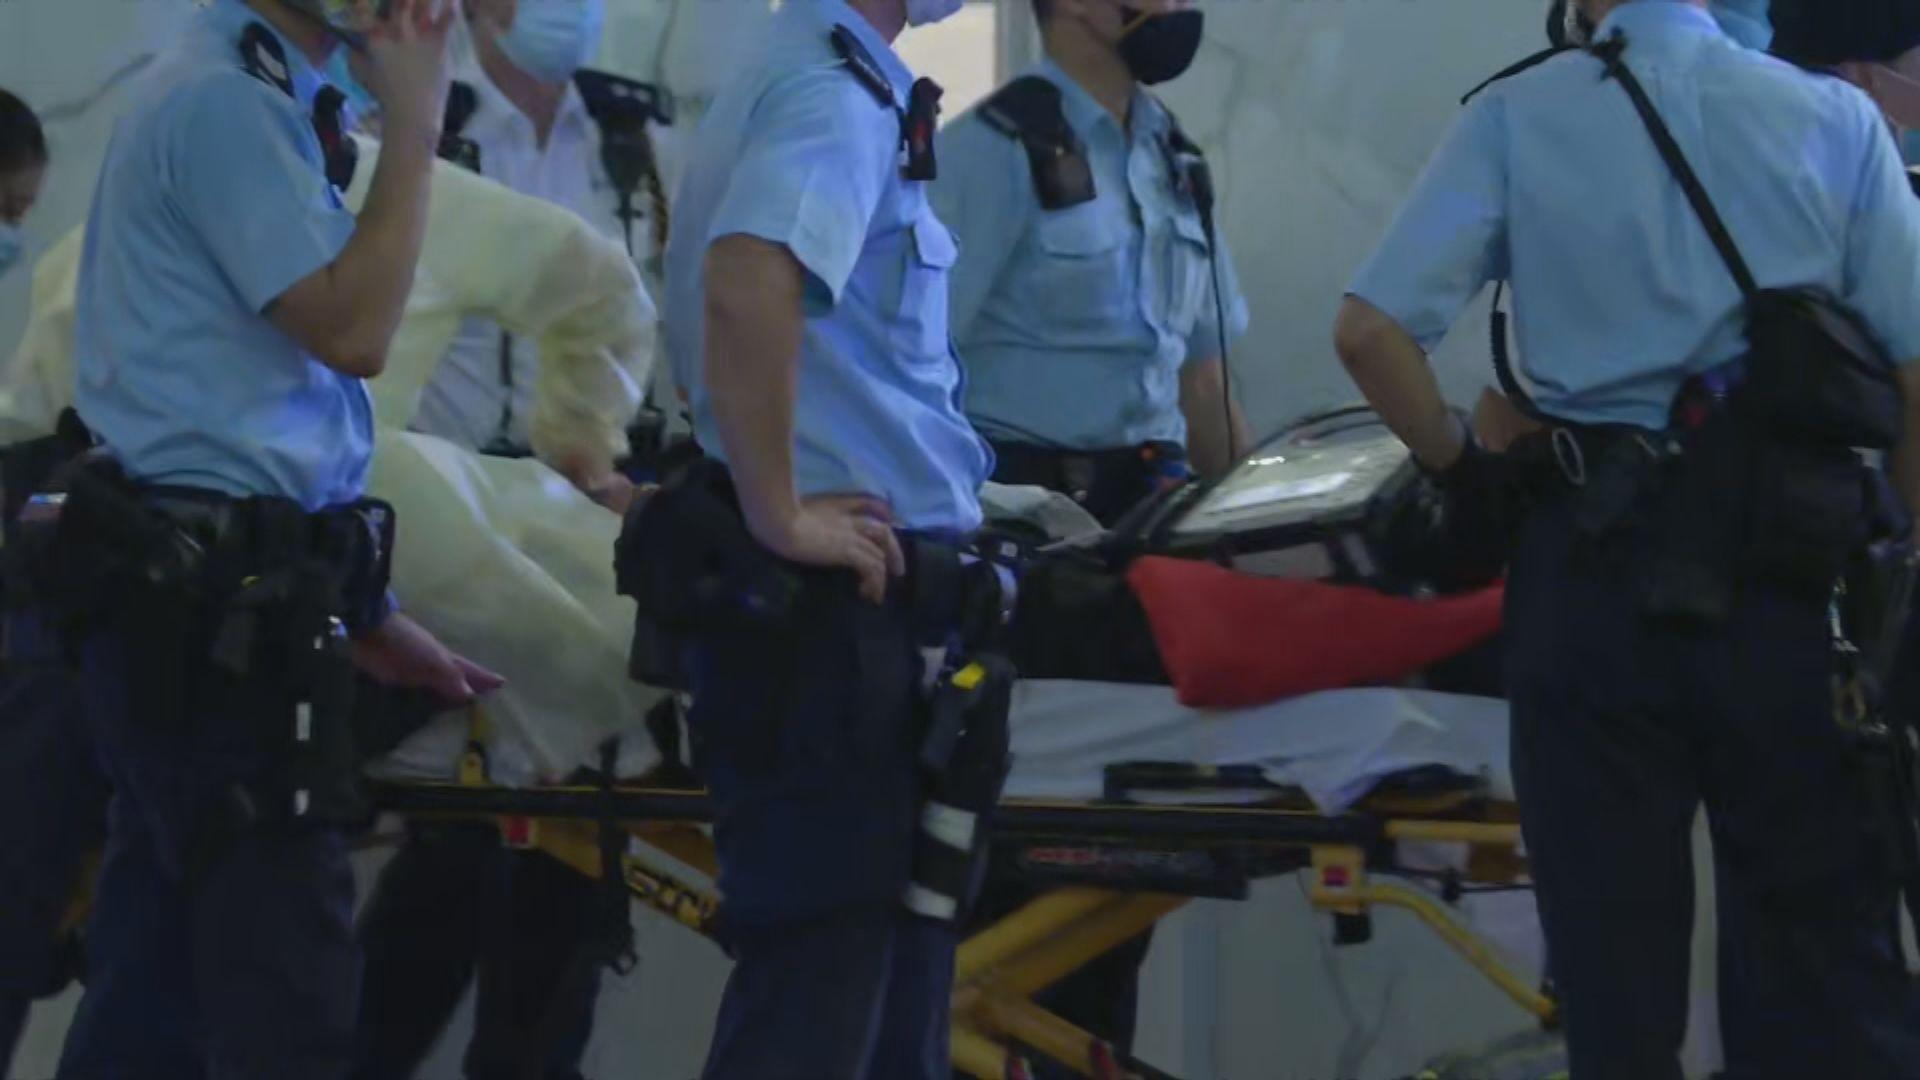 一警員銅鑼灣被刀襲擊受傷 疑犯揮刀自殘送院後搶救不治